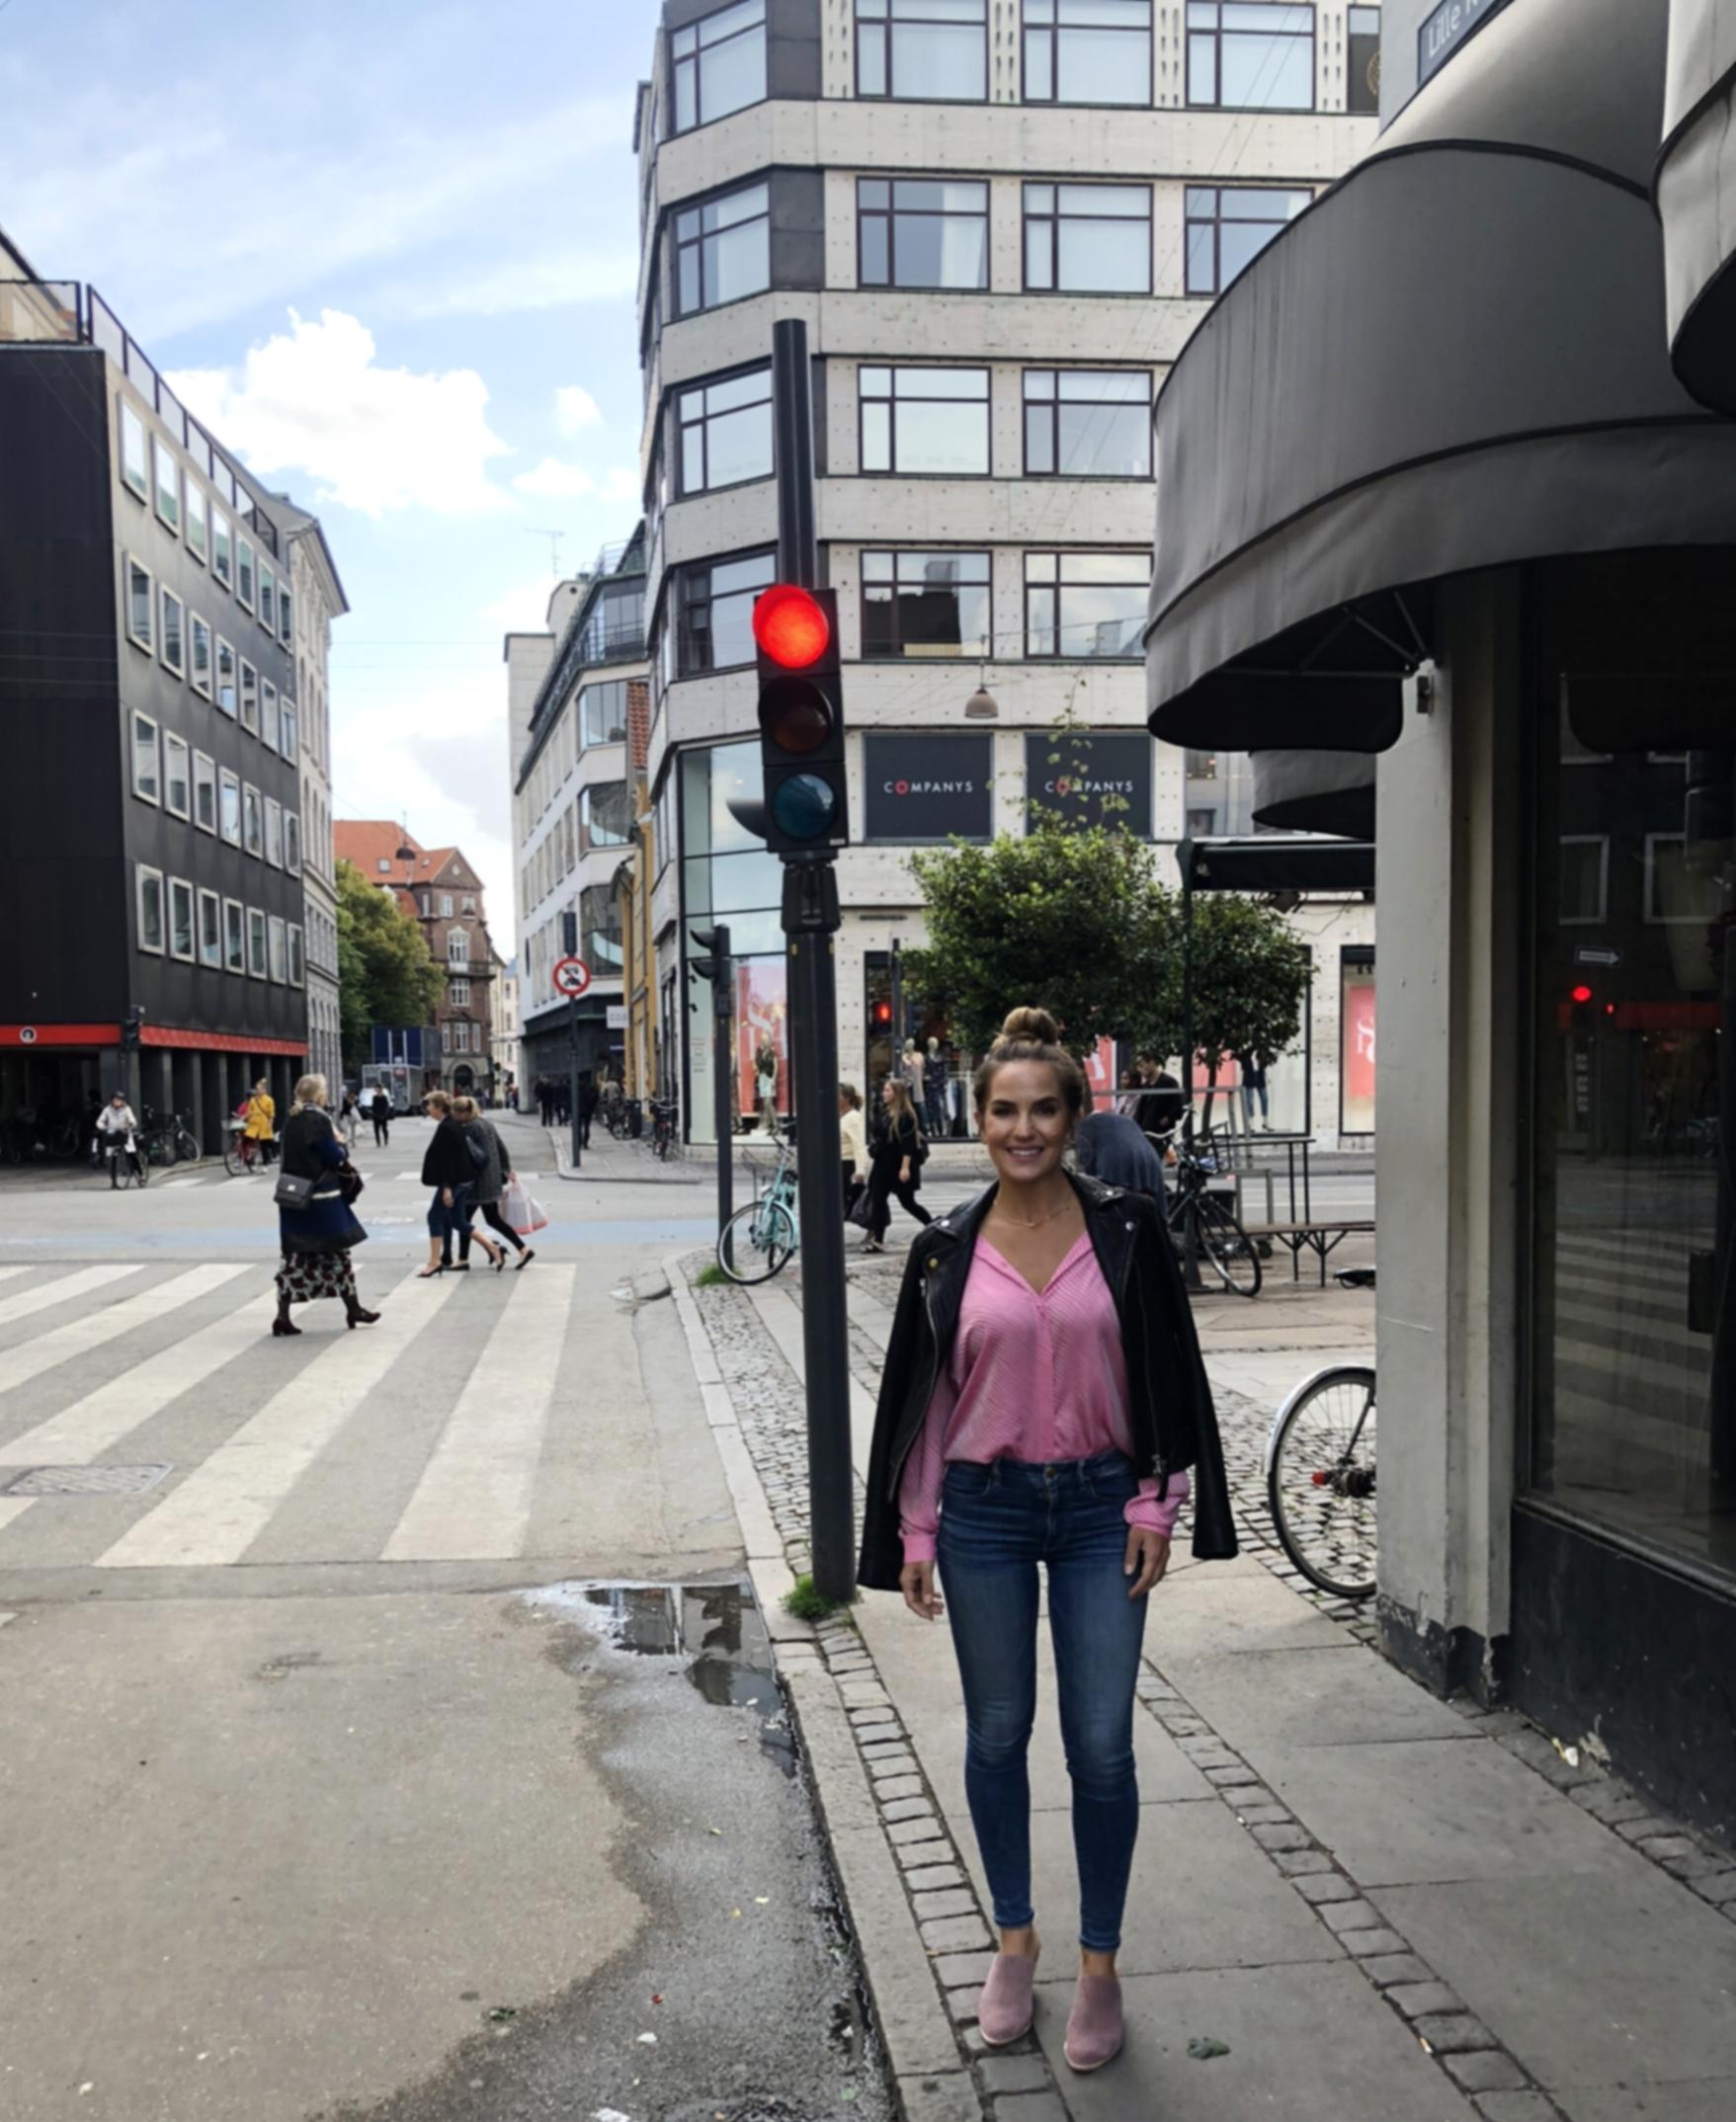 Copenhagen Date Night